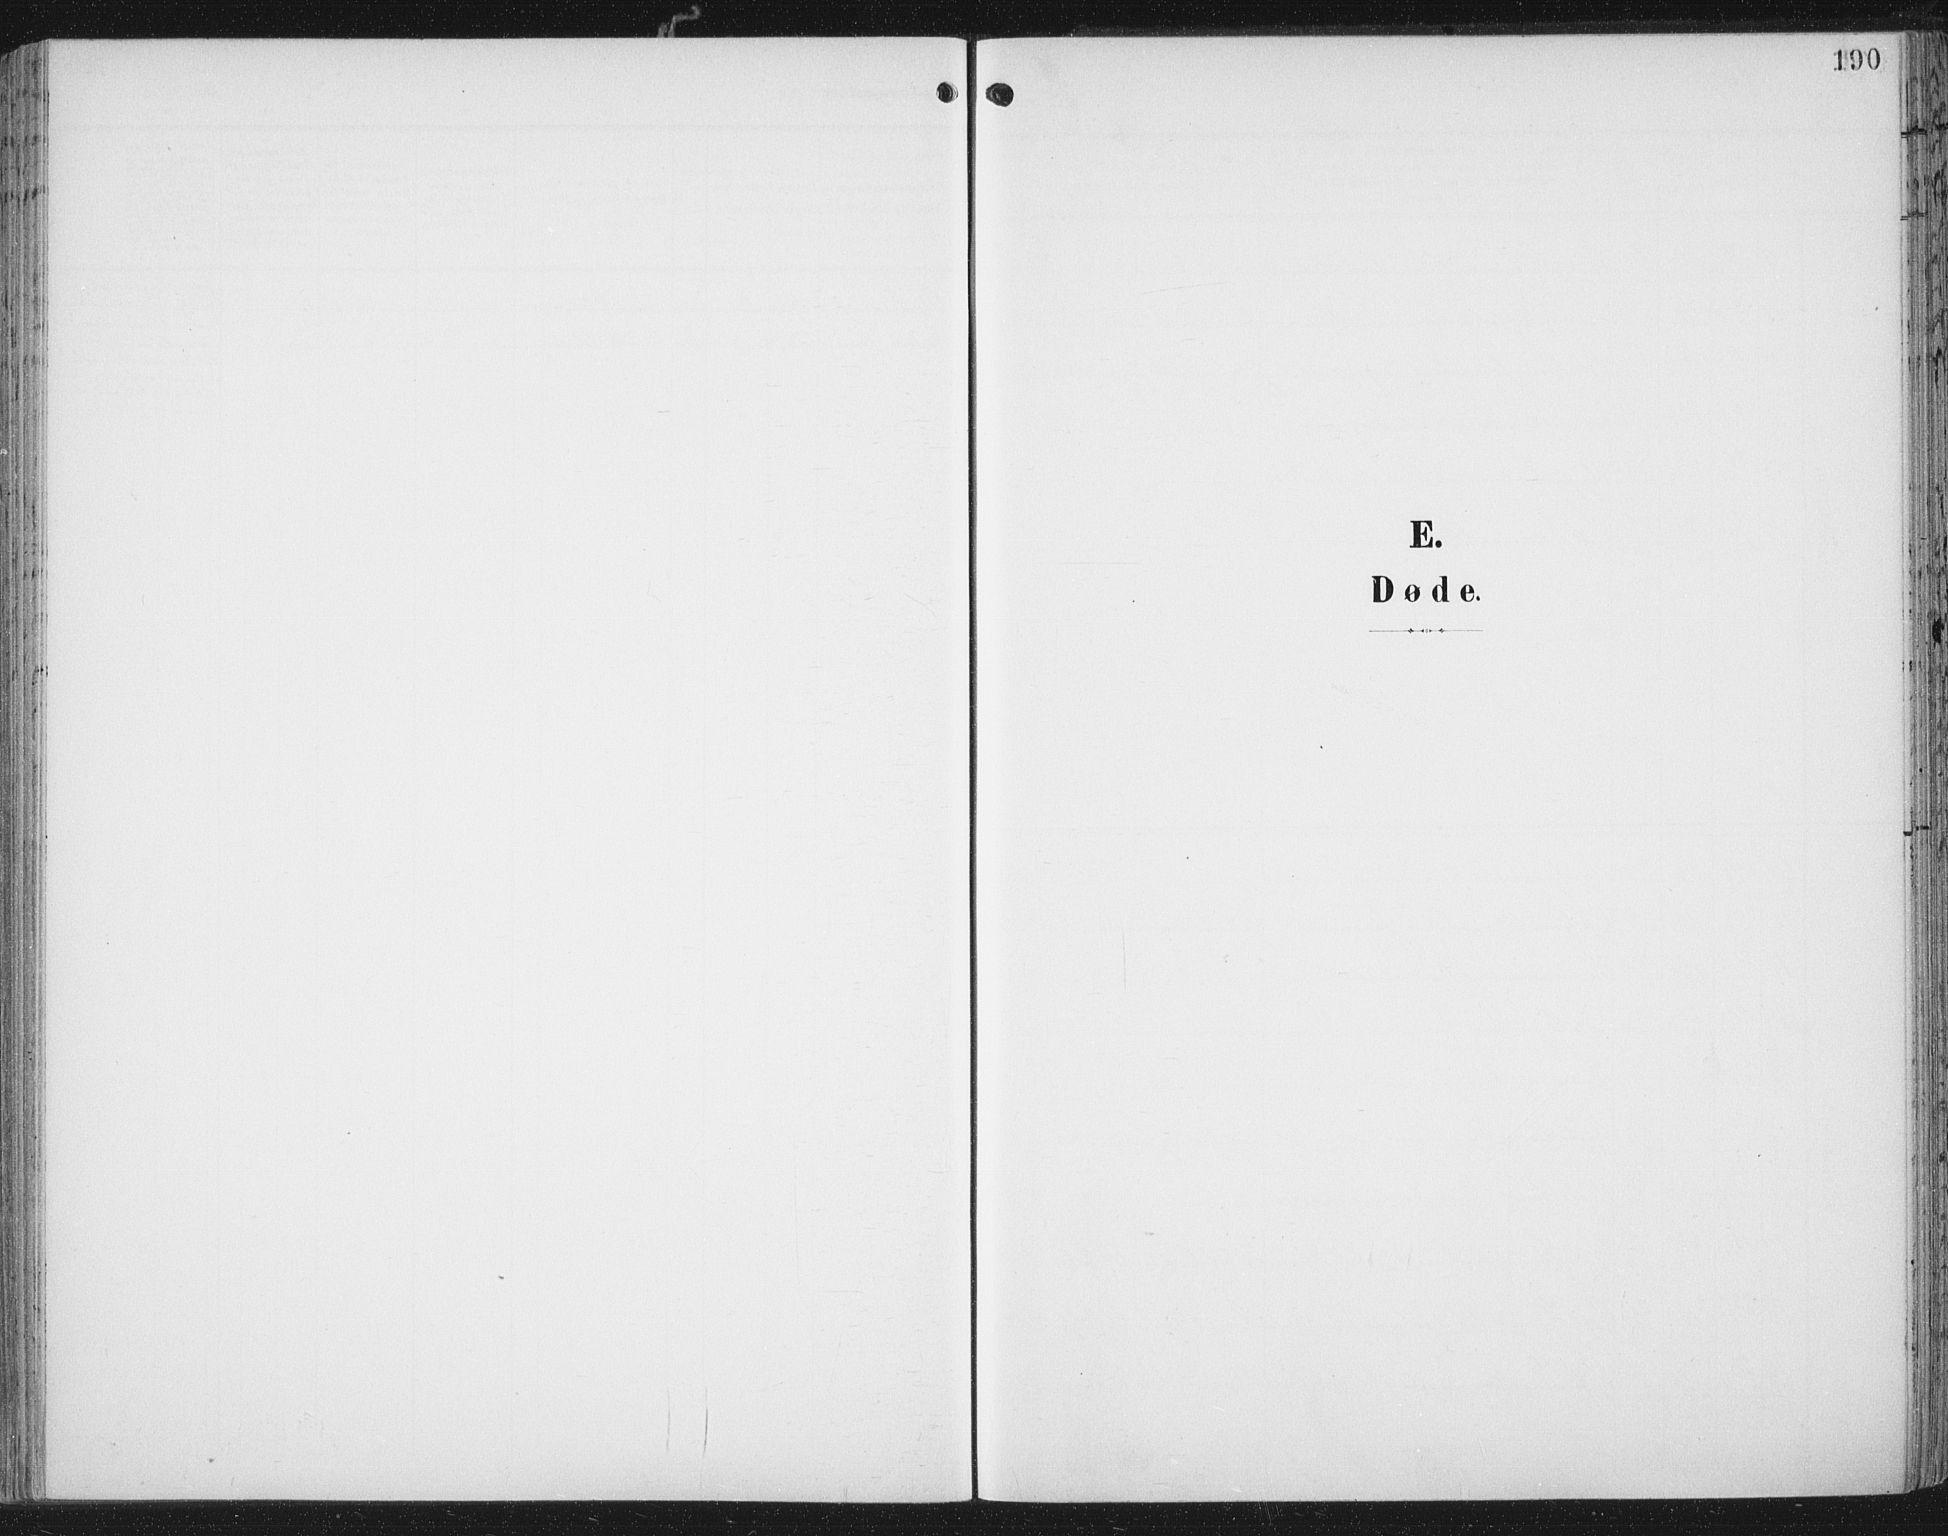 SAT, Ministerialprotokoller, klokkerbøker og fødselsregistre - Nord-Trøndelag, 701/L0011: Parish register (official) no. 701A11, 1899-1915, p. 190